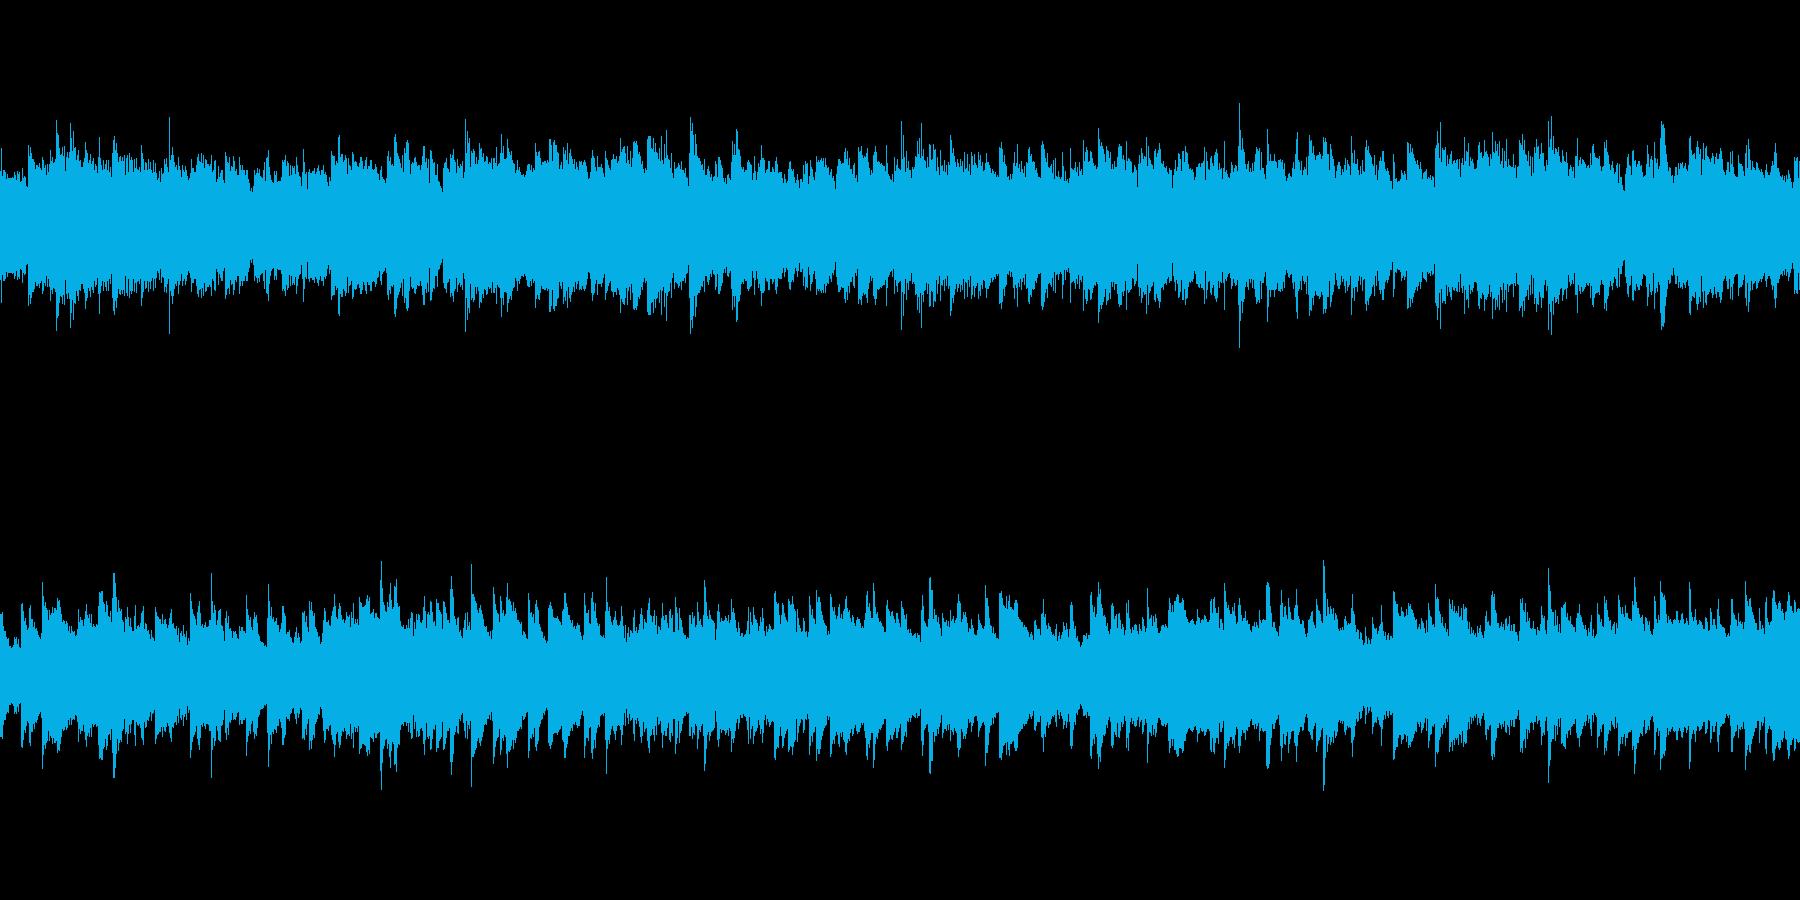 これから何か始まりそうなピアノループの再生済みの波形